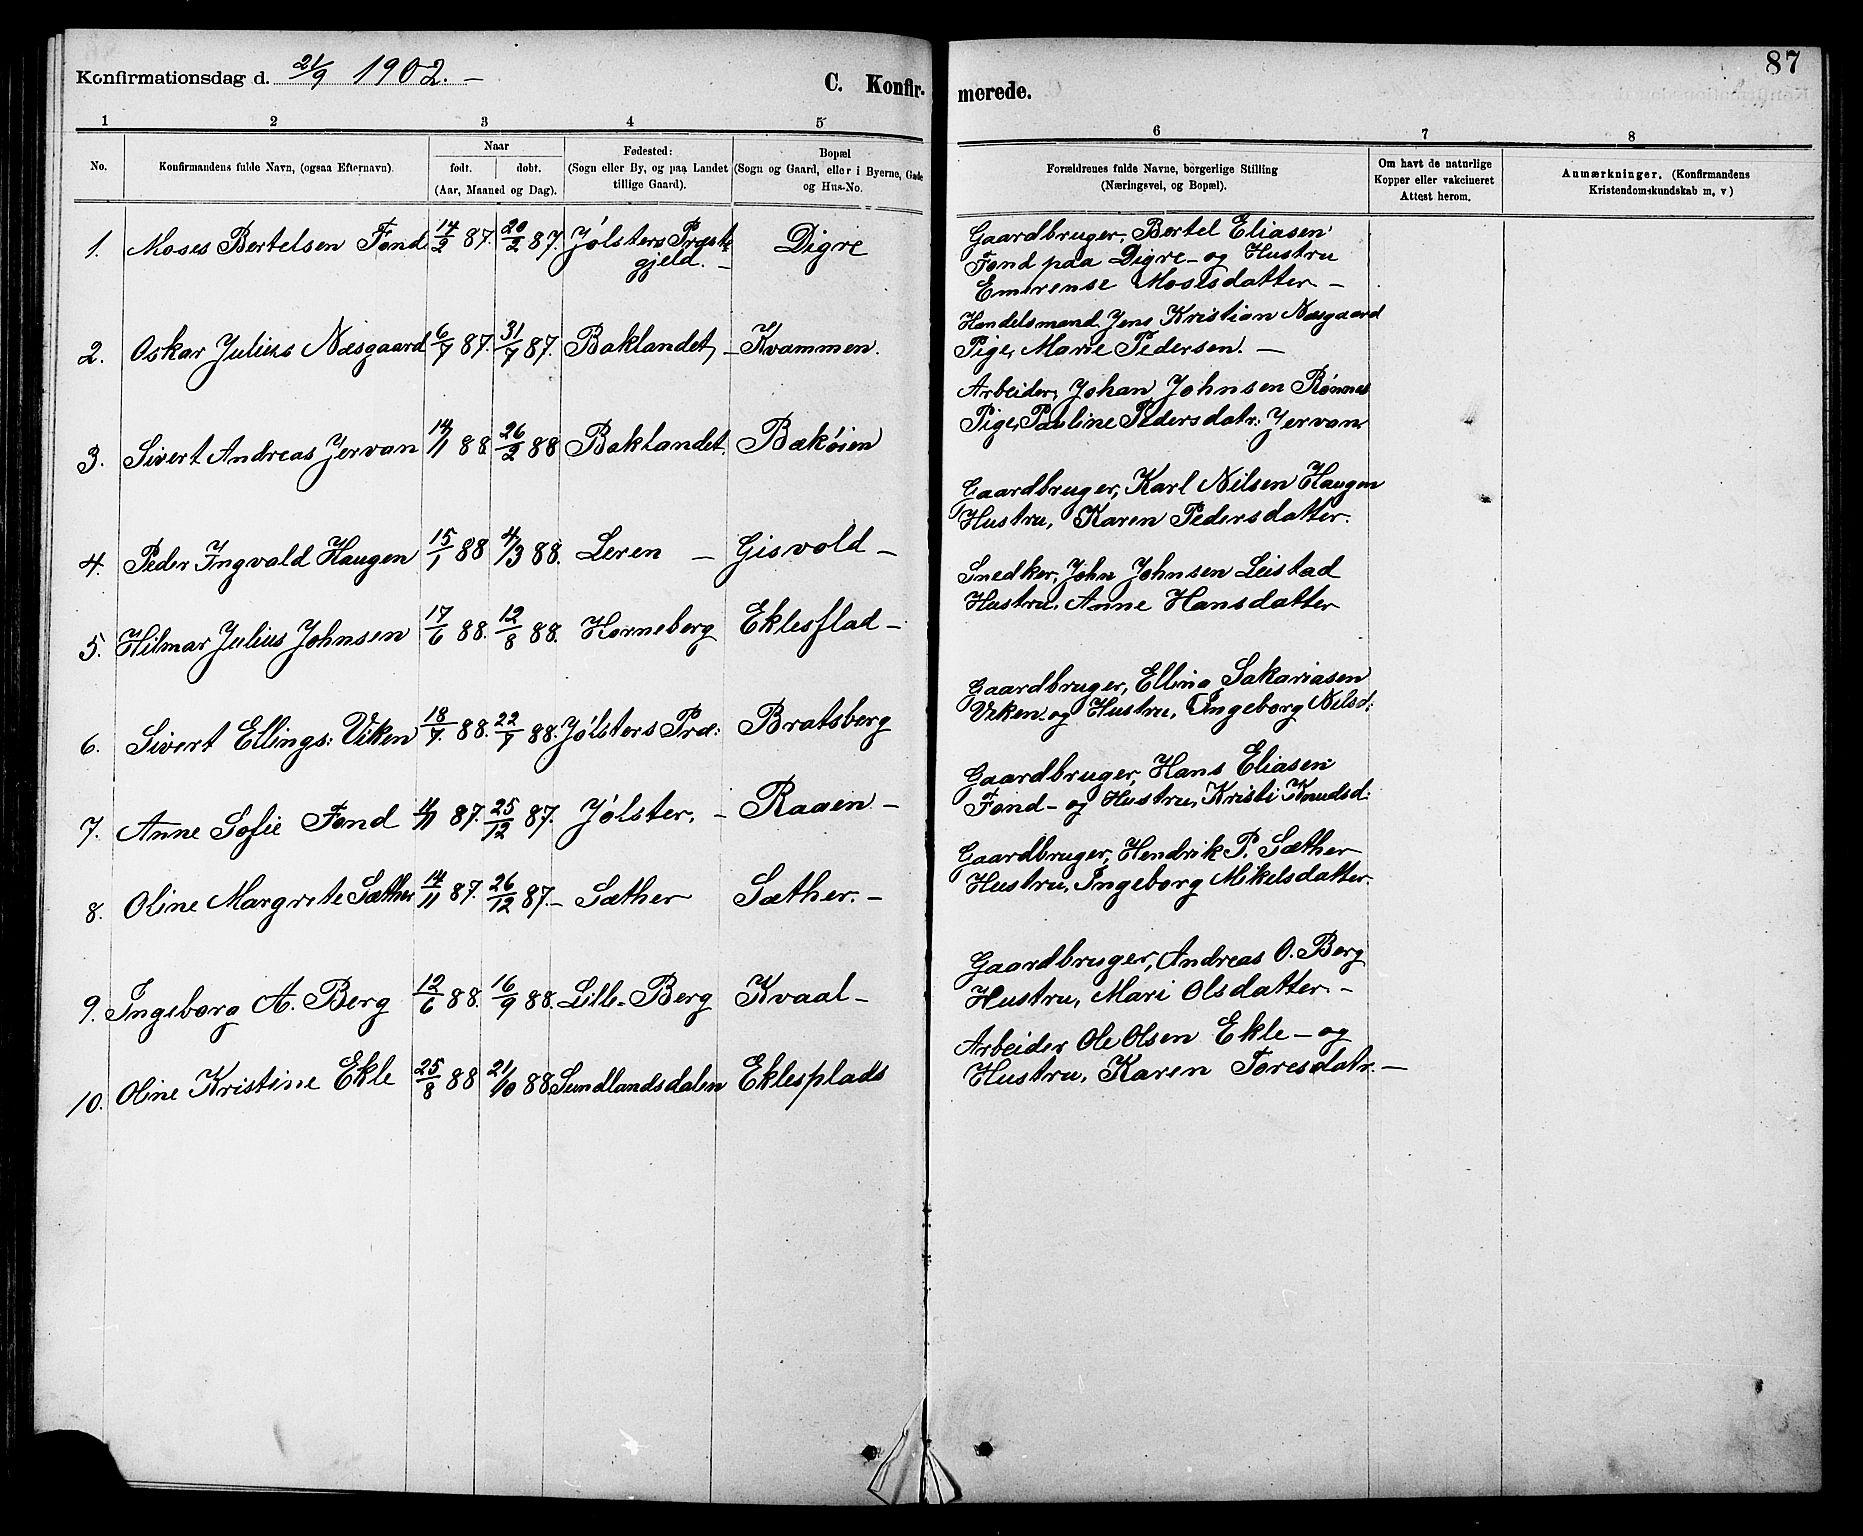 SAT, Ministerialprotokoller, klokkerbøker og fødselsregistre - Sør-Trøndelag, 608/L0341: Klokkerbok nr. 608C07, 1890-1912, s. 87